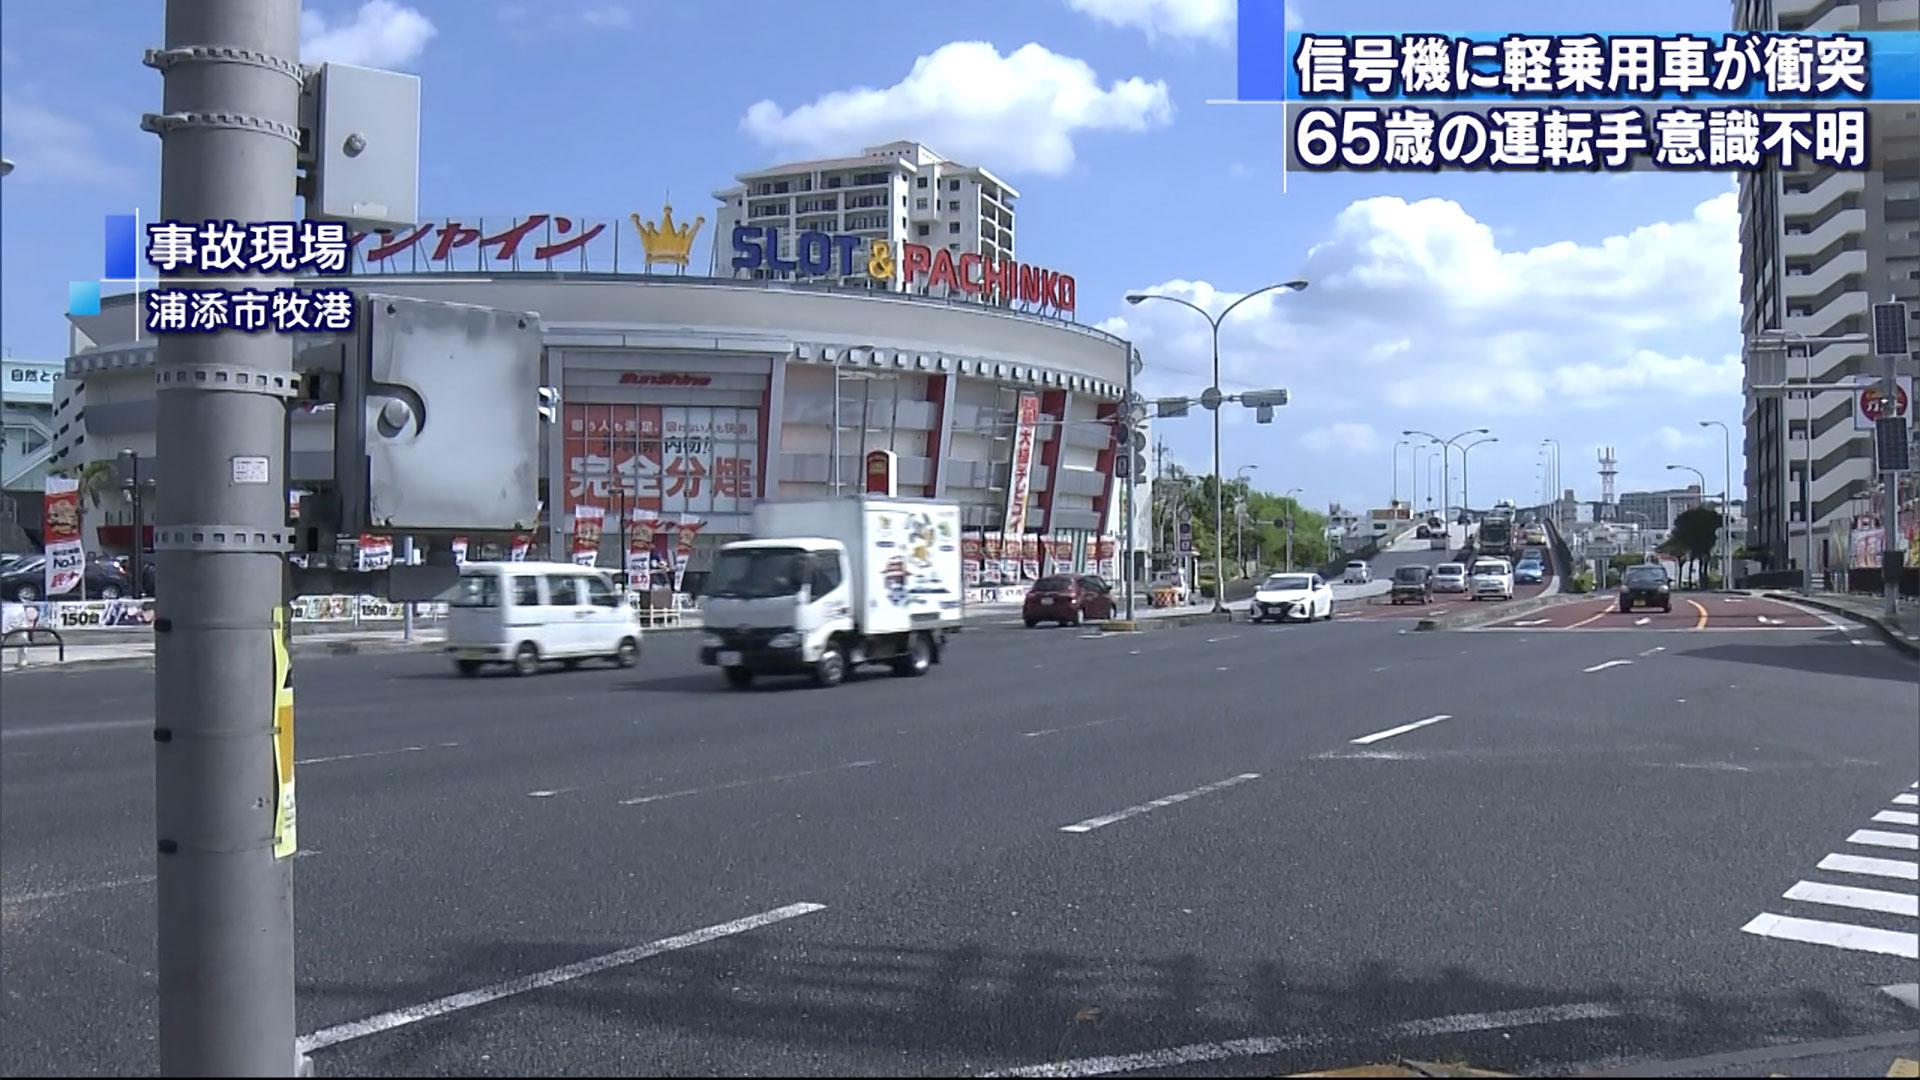 浦添市で軽乗用車が信号機に衝突 男性意識不明